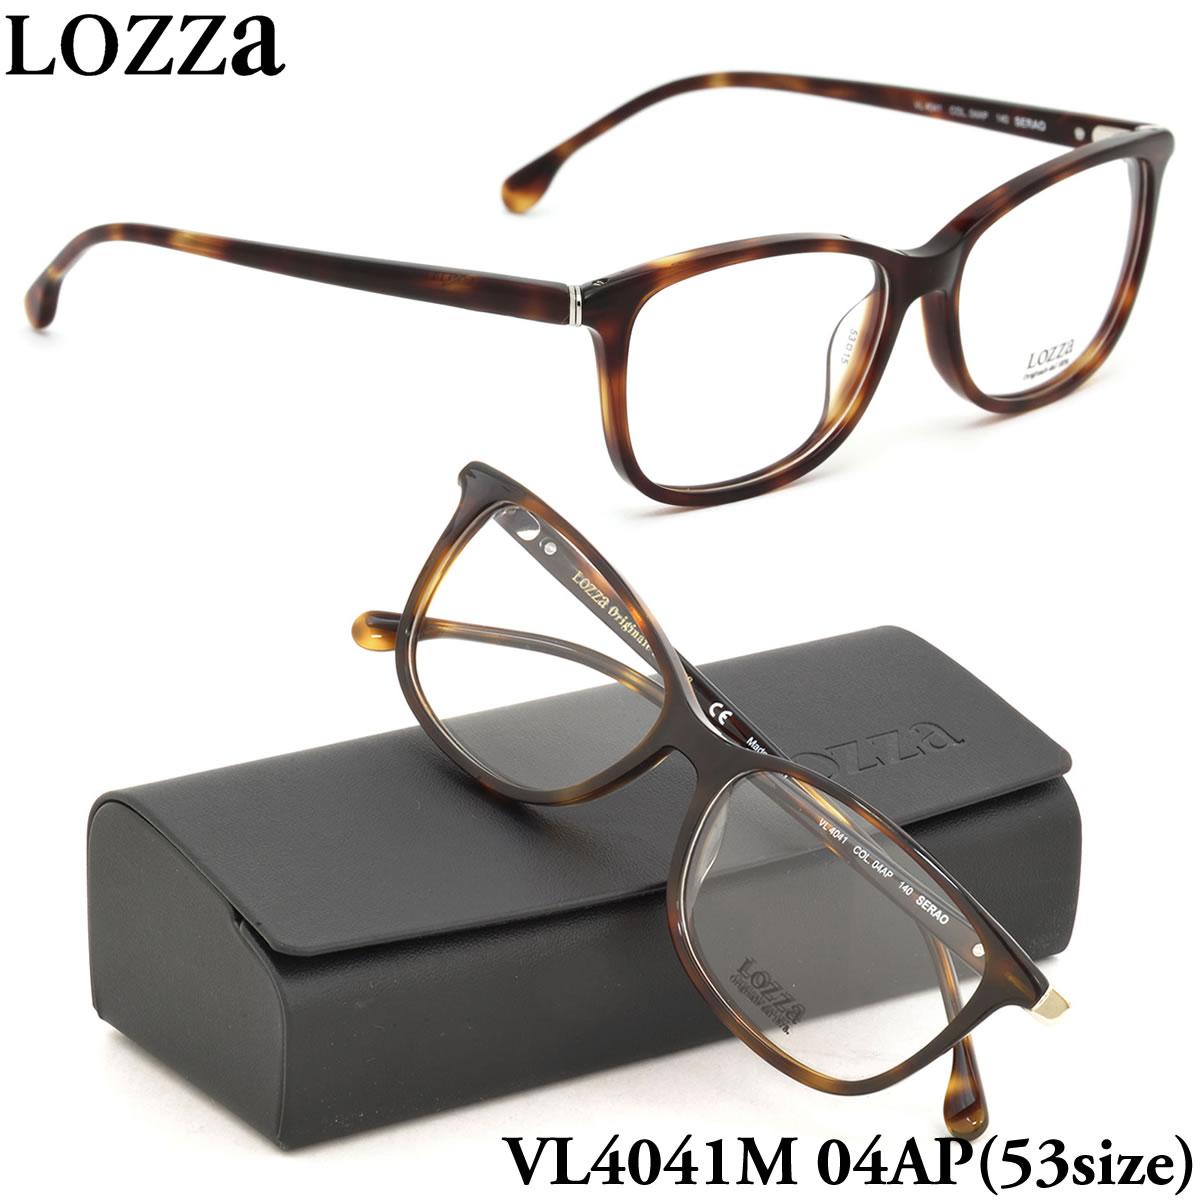 ほぼ全品ポイント15倍~最大34倍+2倍! 【LOZZA】ロッツァ 眼鏡 メガネ フレーム VL4041M 04AP 53サイズ SERAO ボストン メンズ レディース